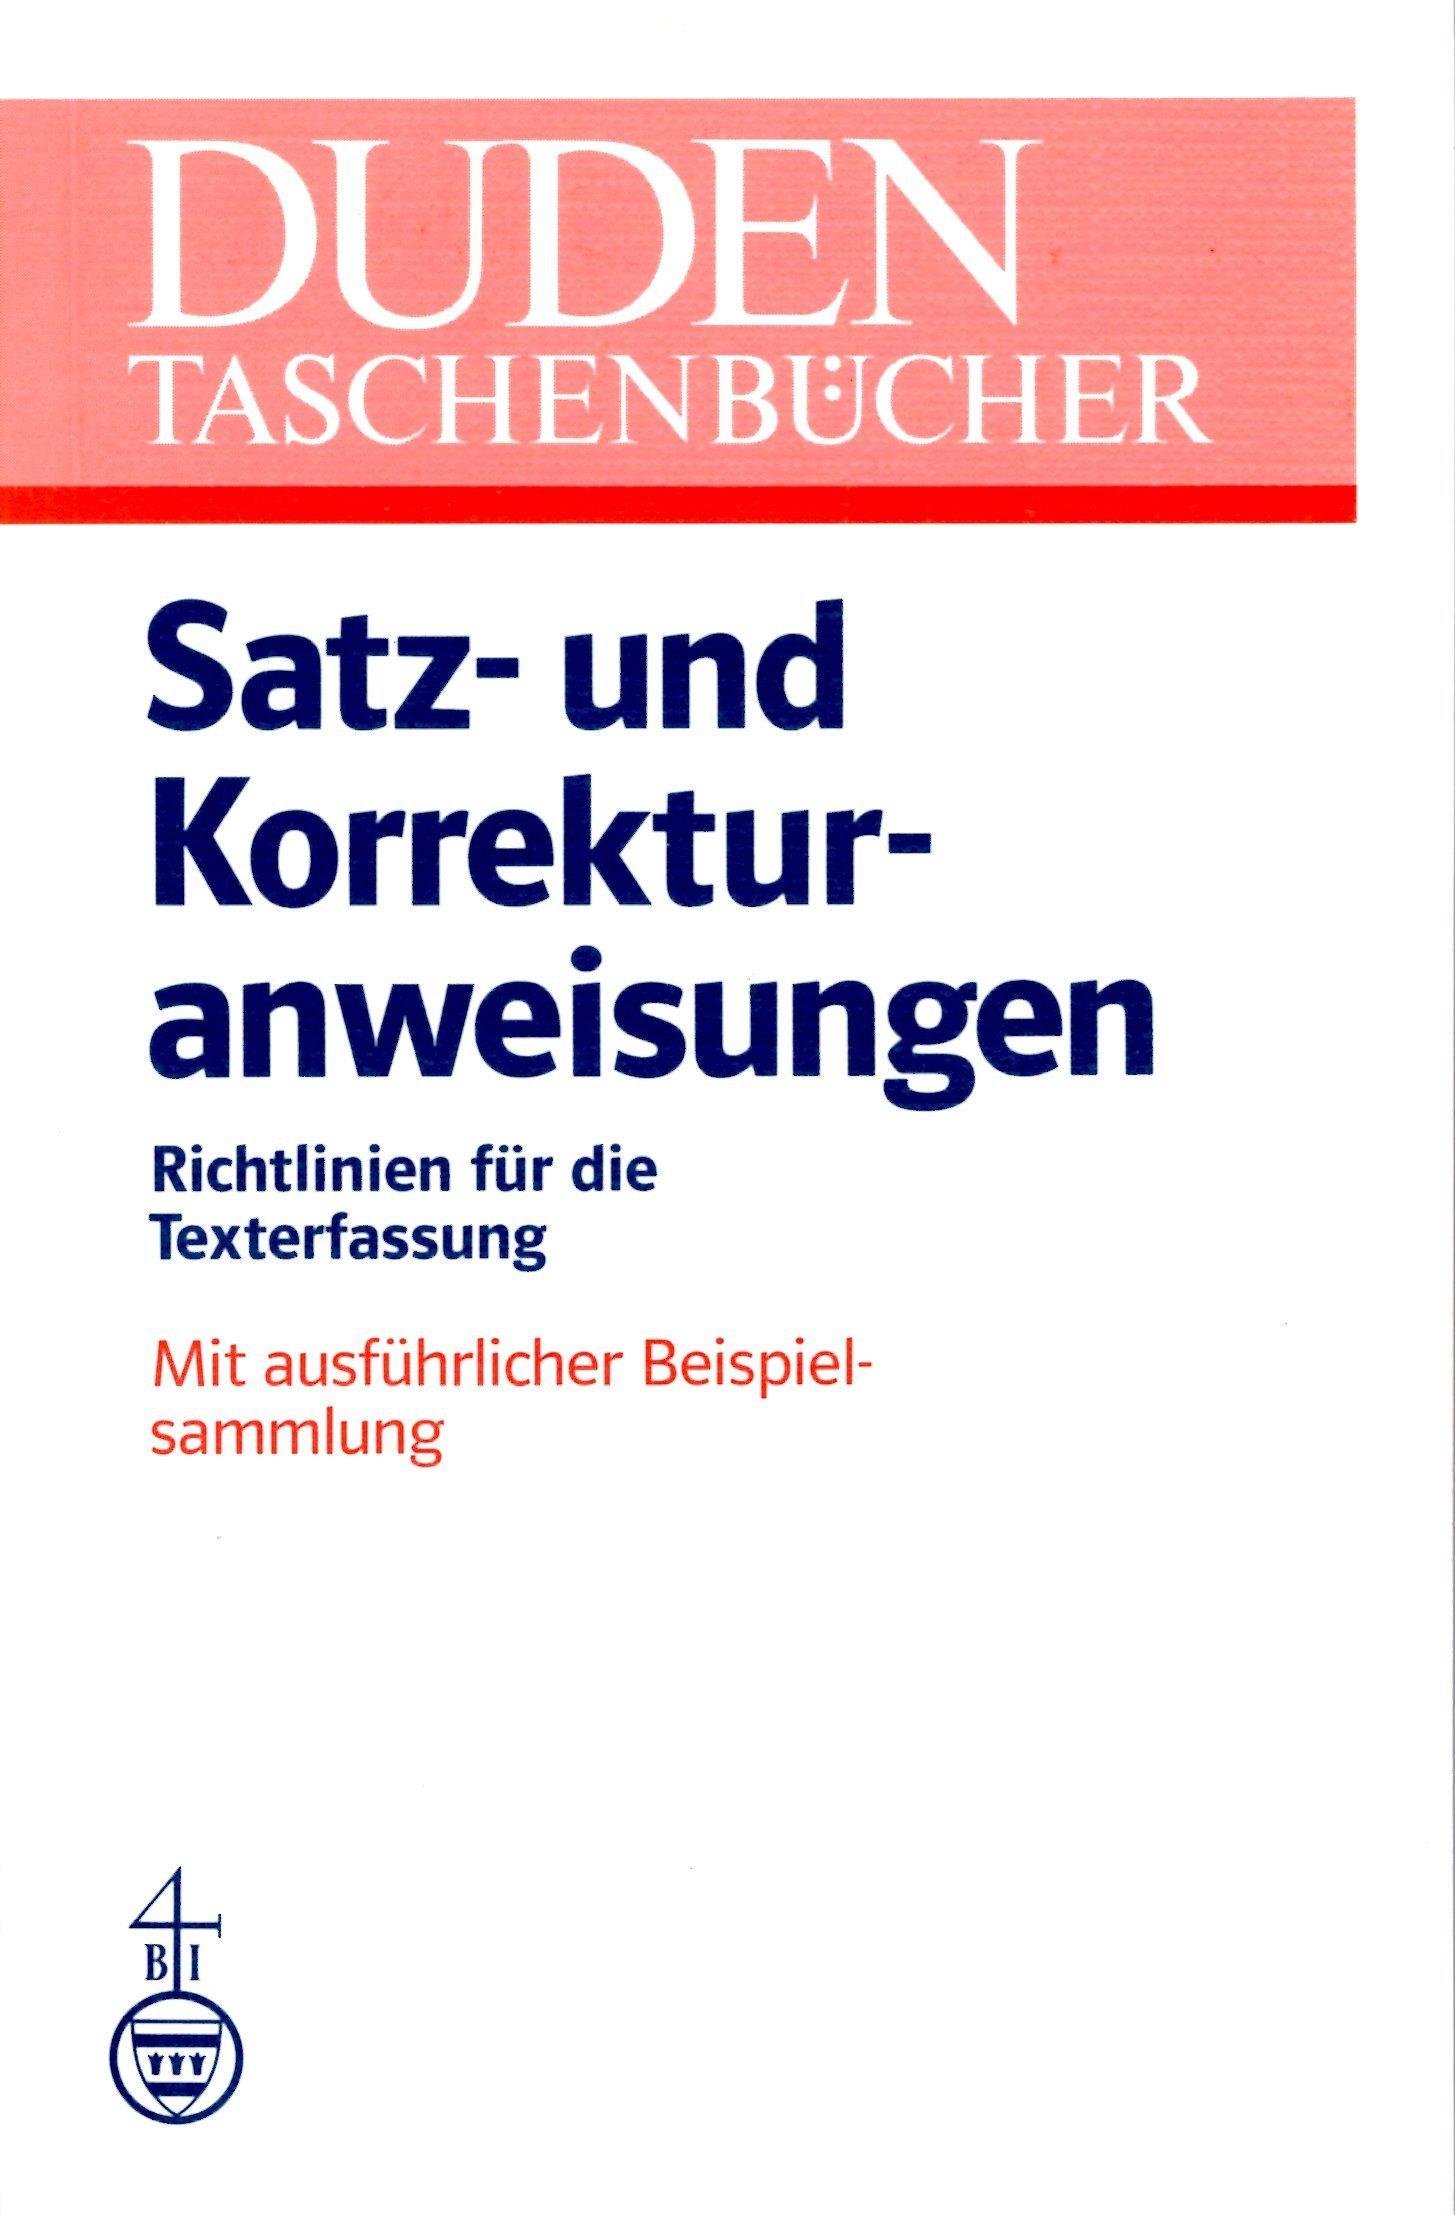 Duden Satz Und Korrekturanweisungen Richtlinien Für Die Texterfassung Wilhelm Weitershaus Friedrich Bücher